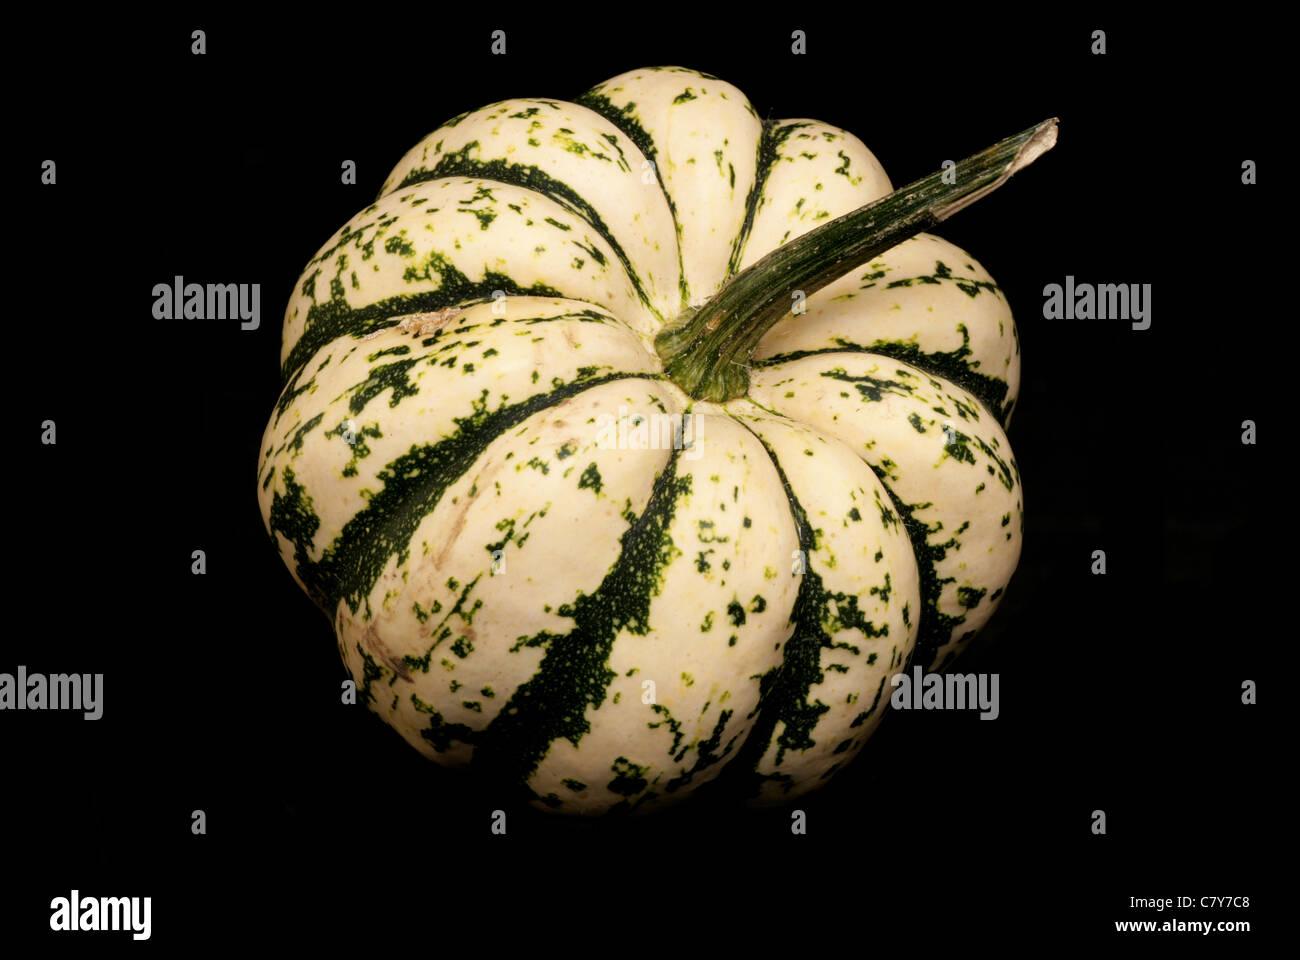 Harlequin Squash auf schwarzem Hintergrund Stockbild